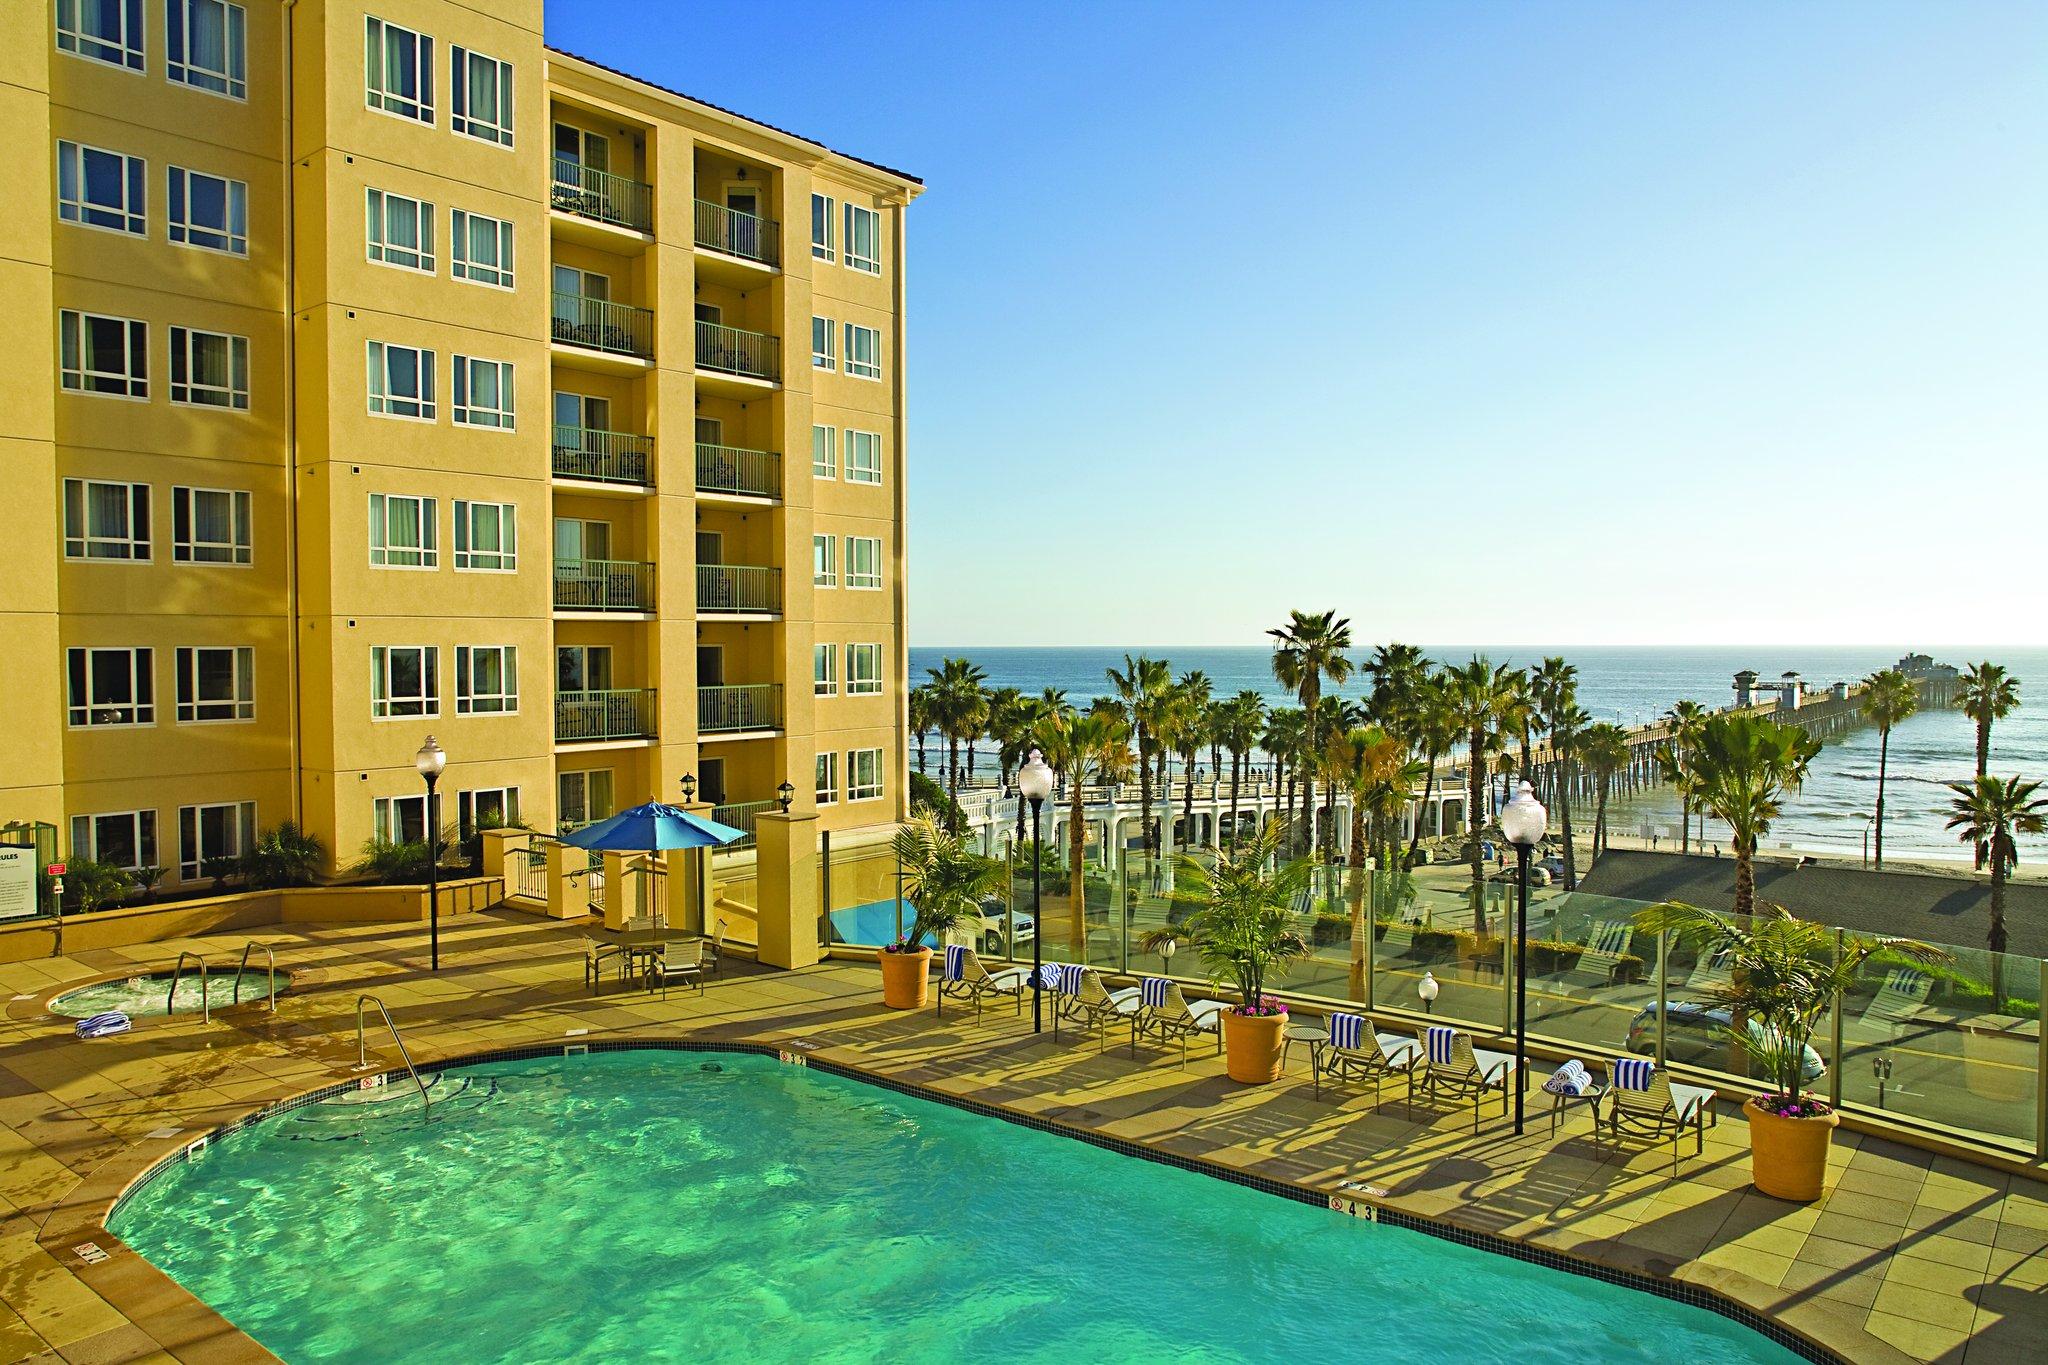 Oceanside San Diego Resort - Wyndham Oceanside Pier Resort